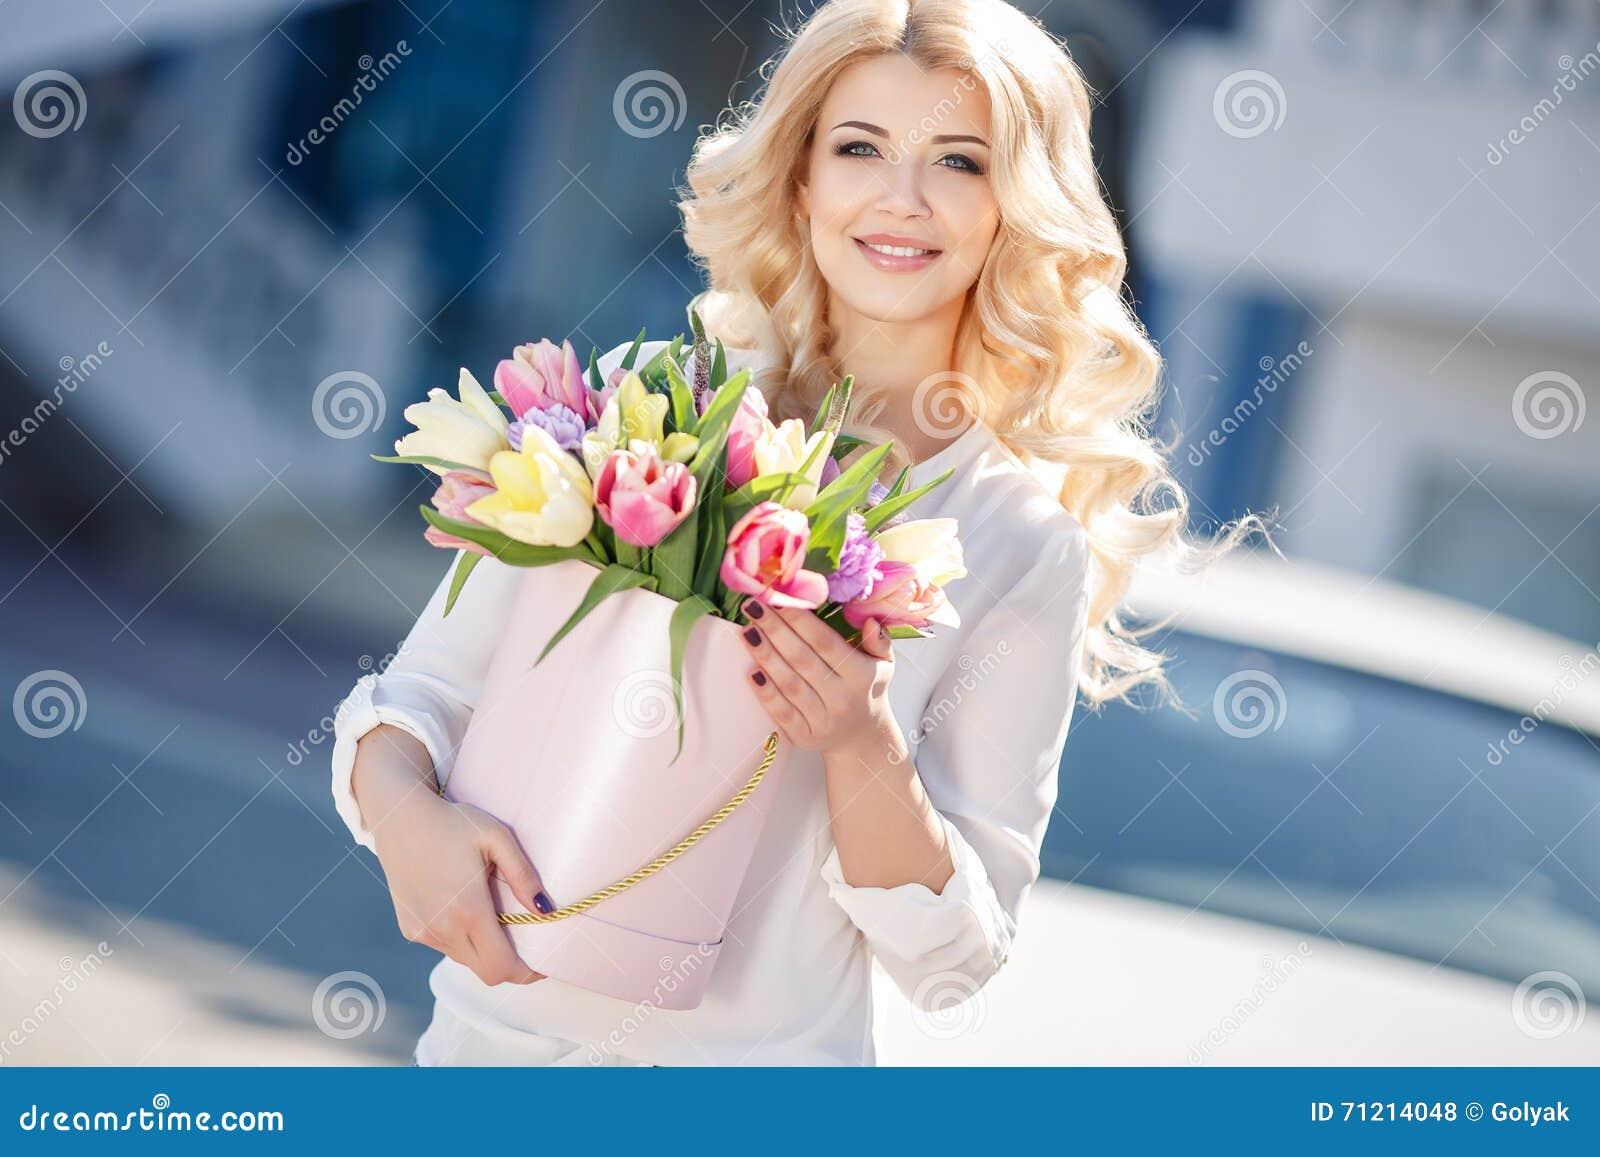 有花的美丽的金发碧眼的女人在礼物盒